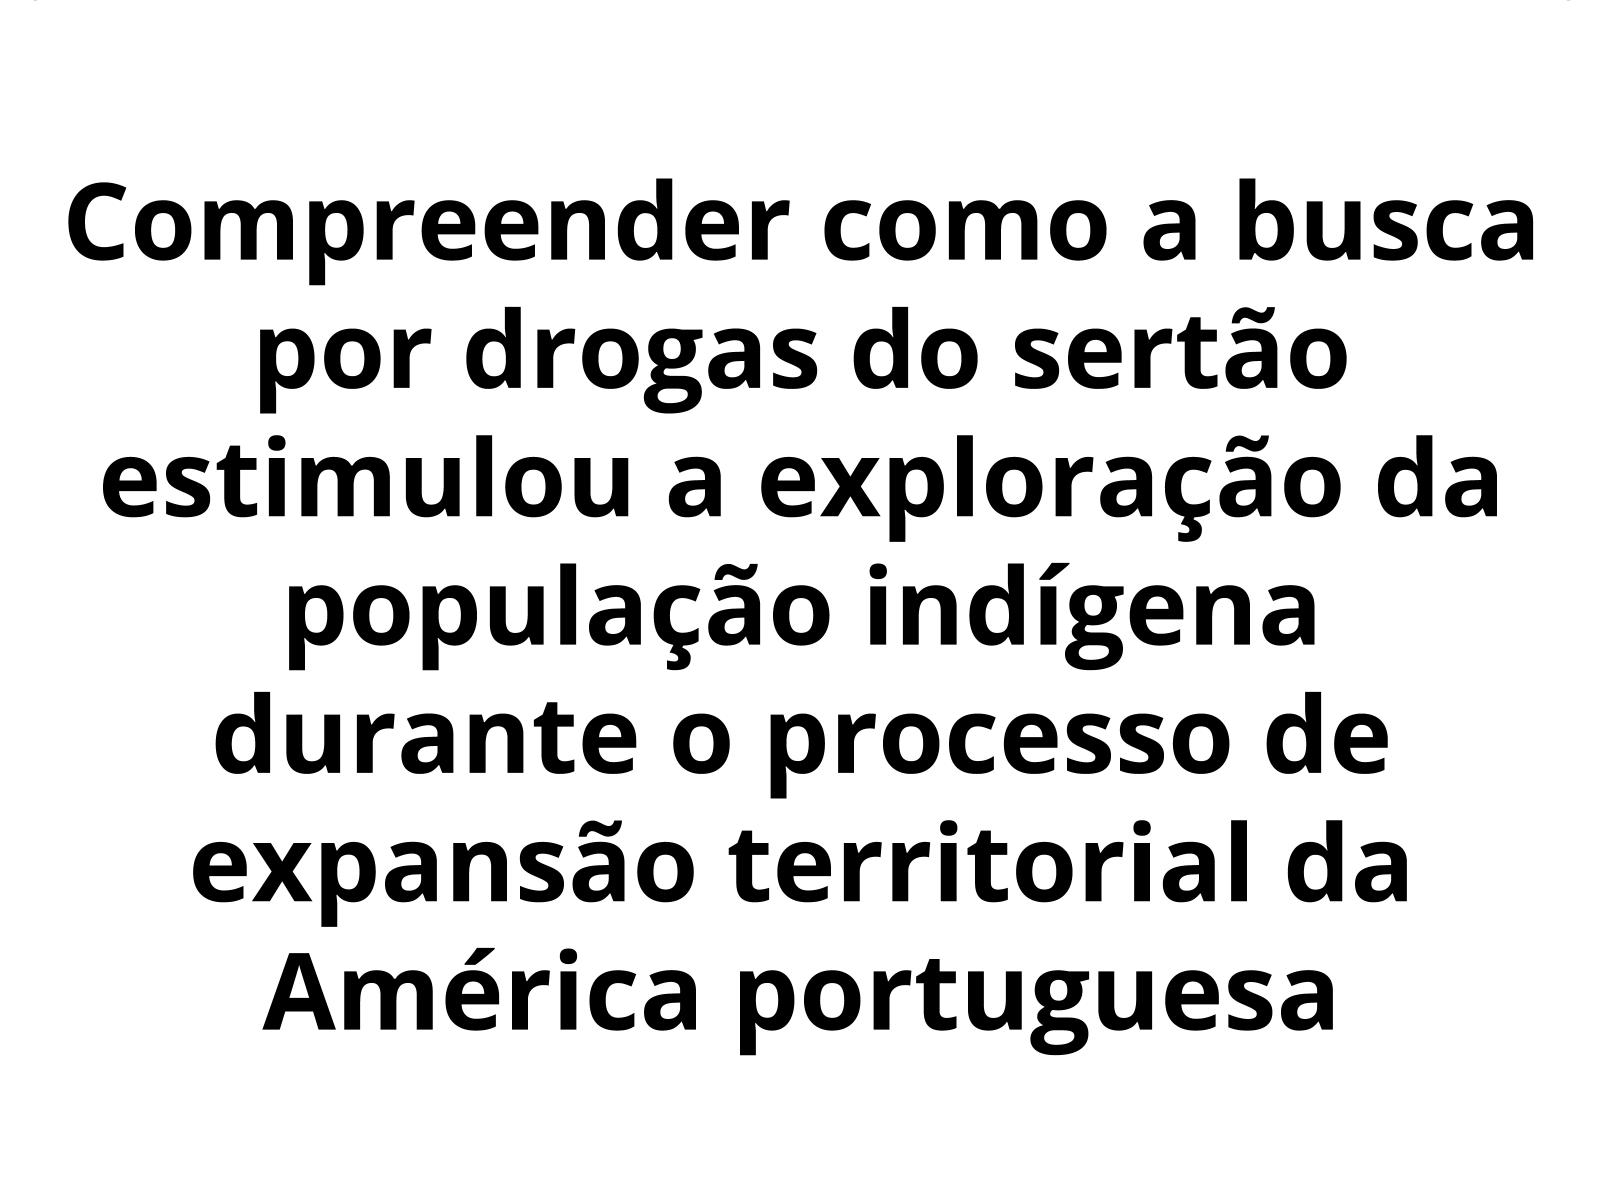 A busca por drogas do sertão à custa da exploração dos povos indígenas na América portuguesa